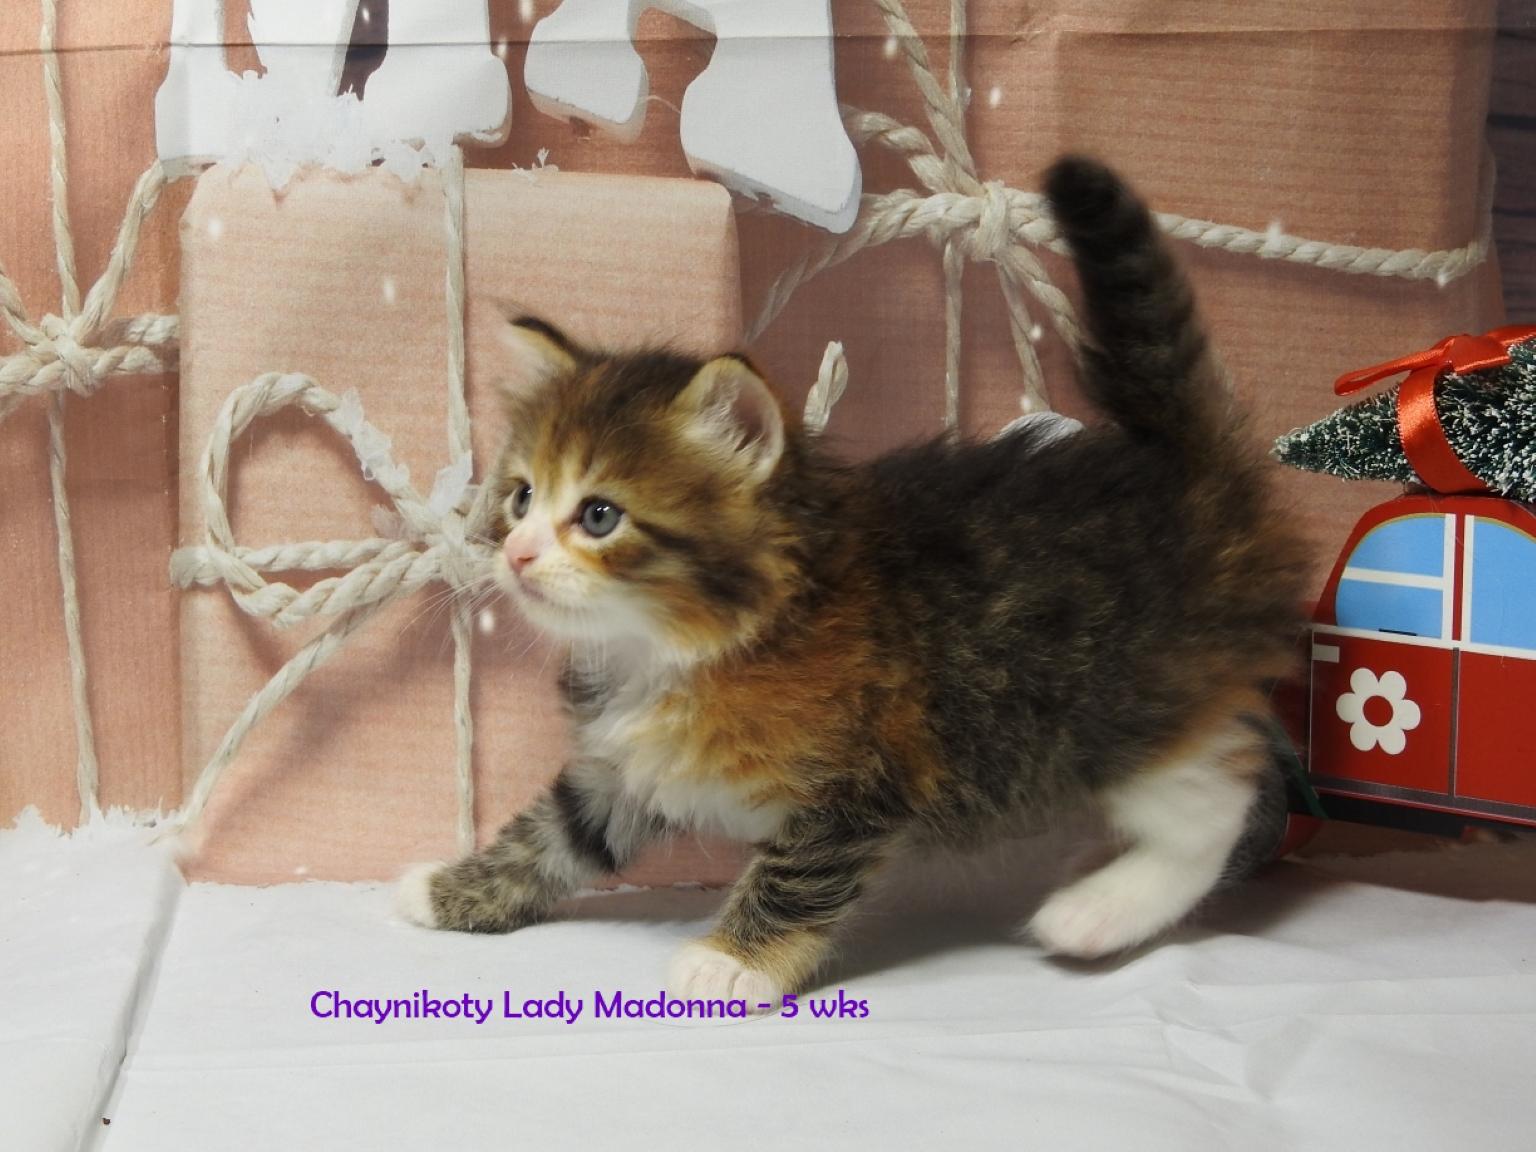 Chaynikoty Lady Madonna